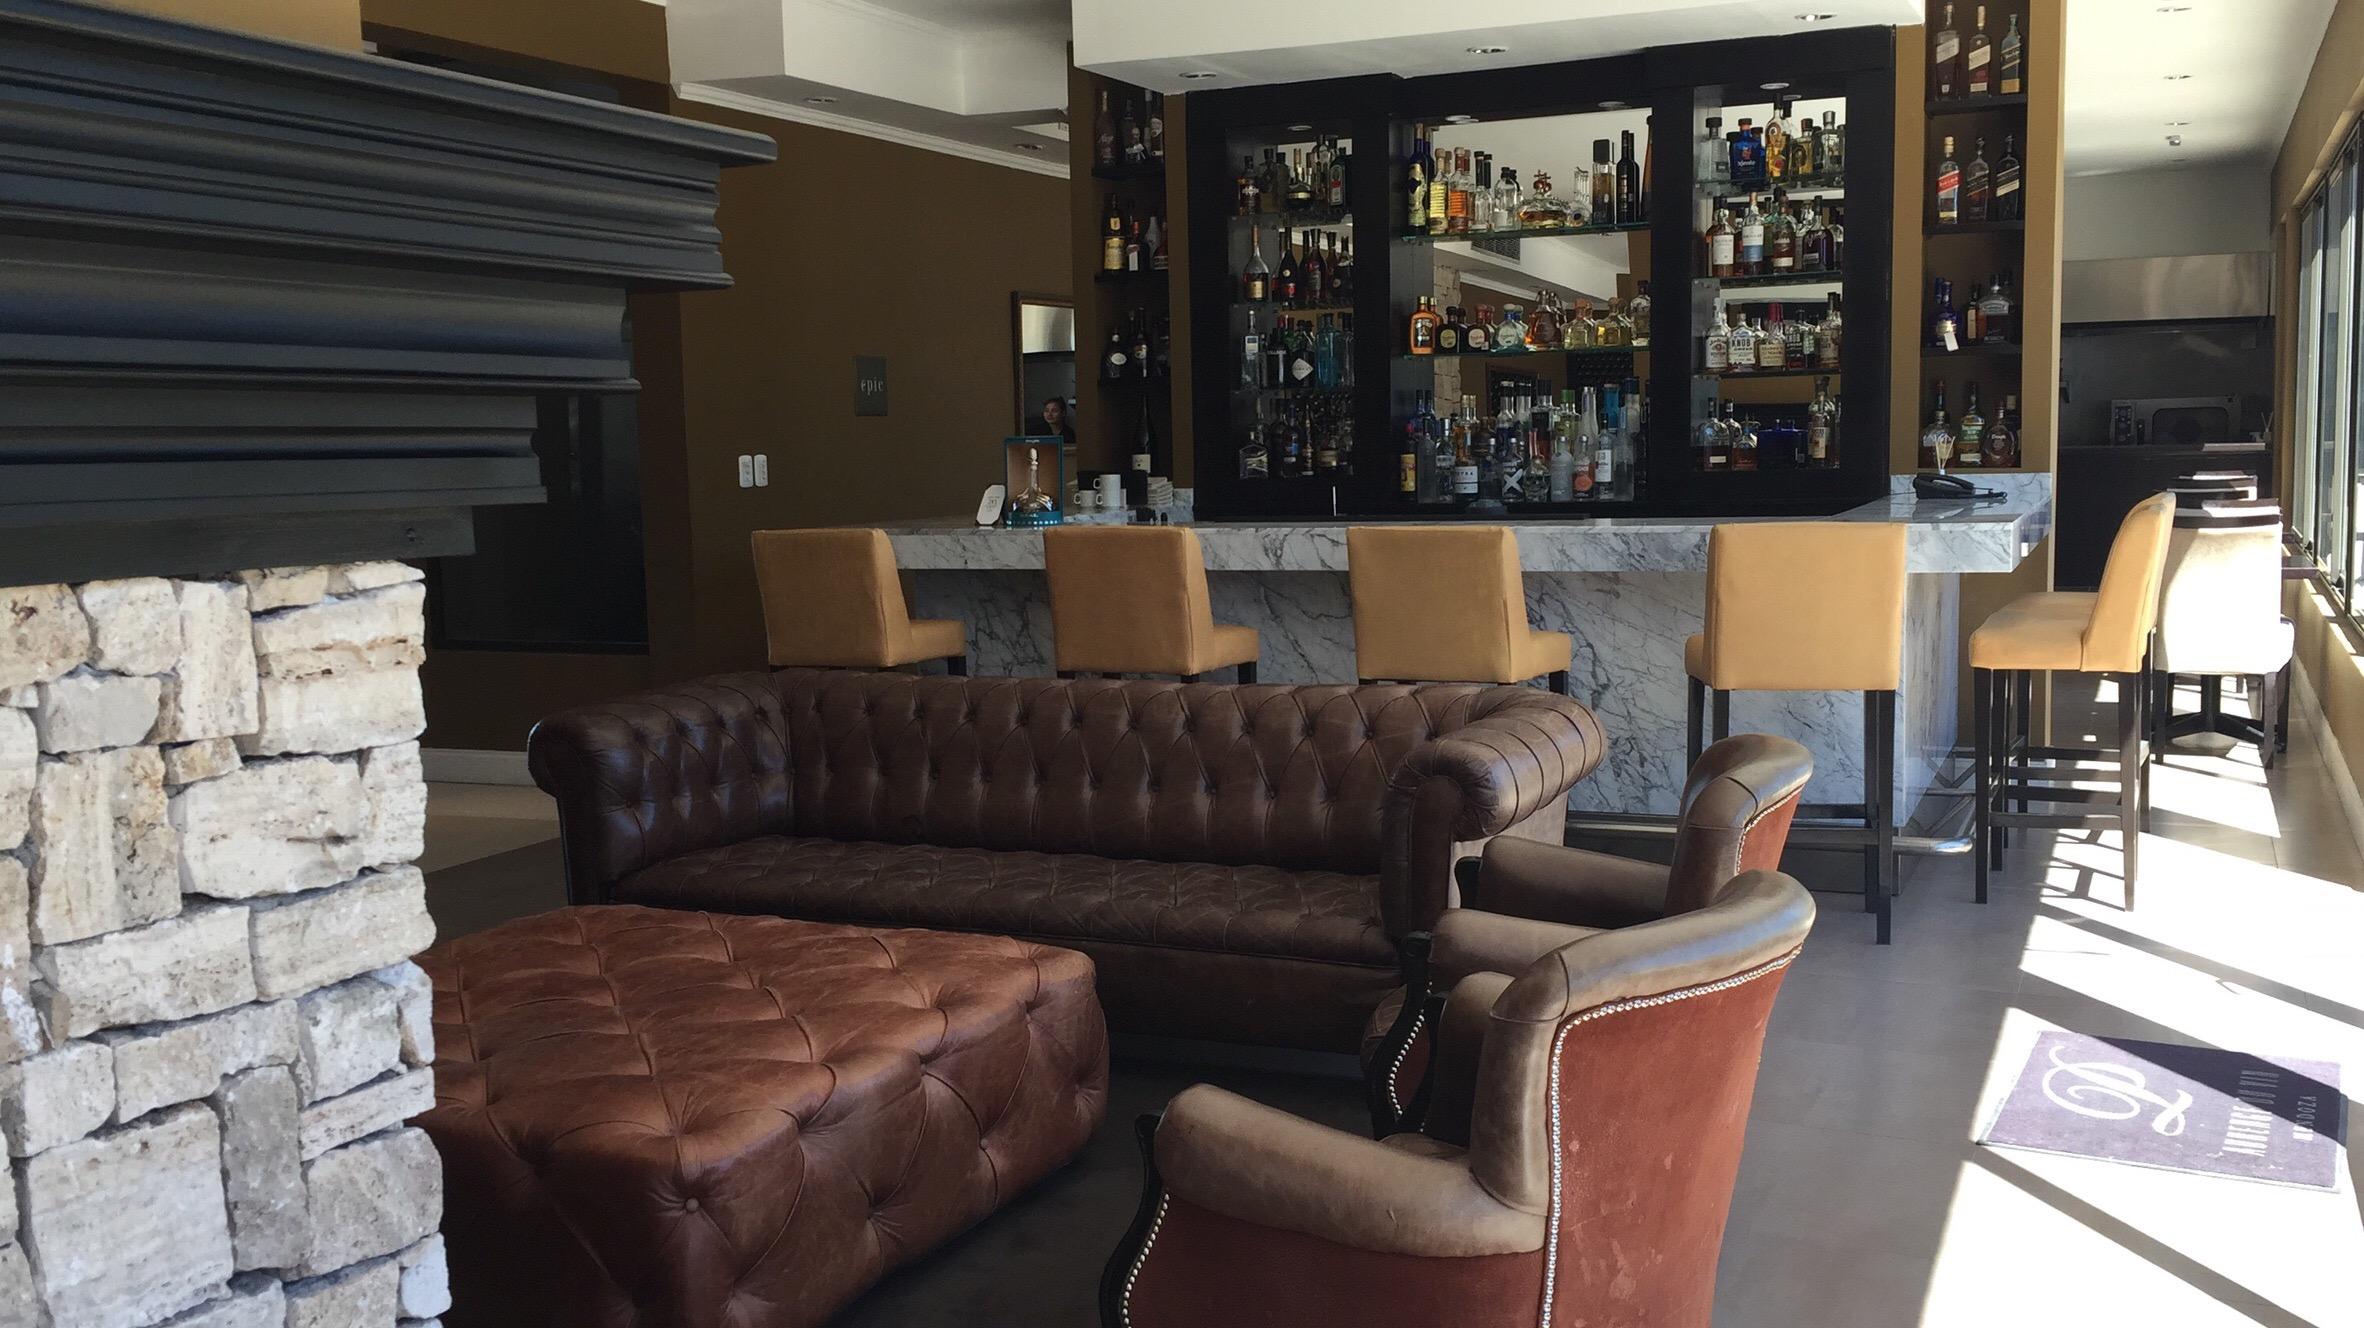 img 8337 - Hotel Auberge du Vin en Mendoza